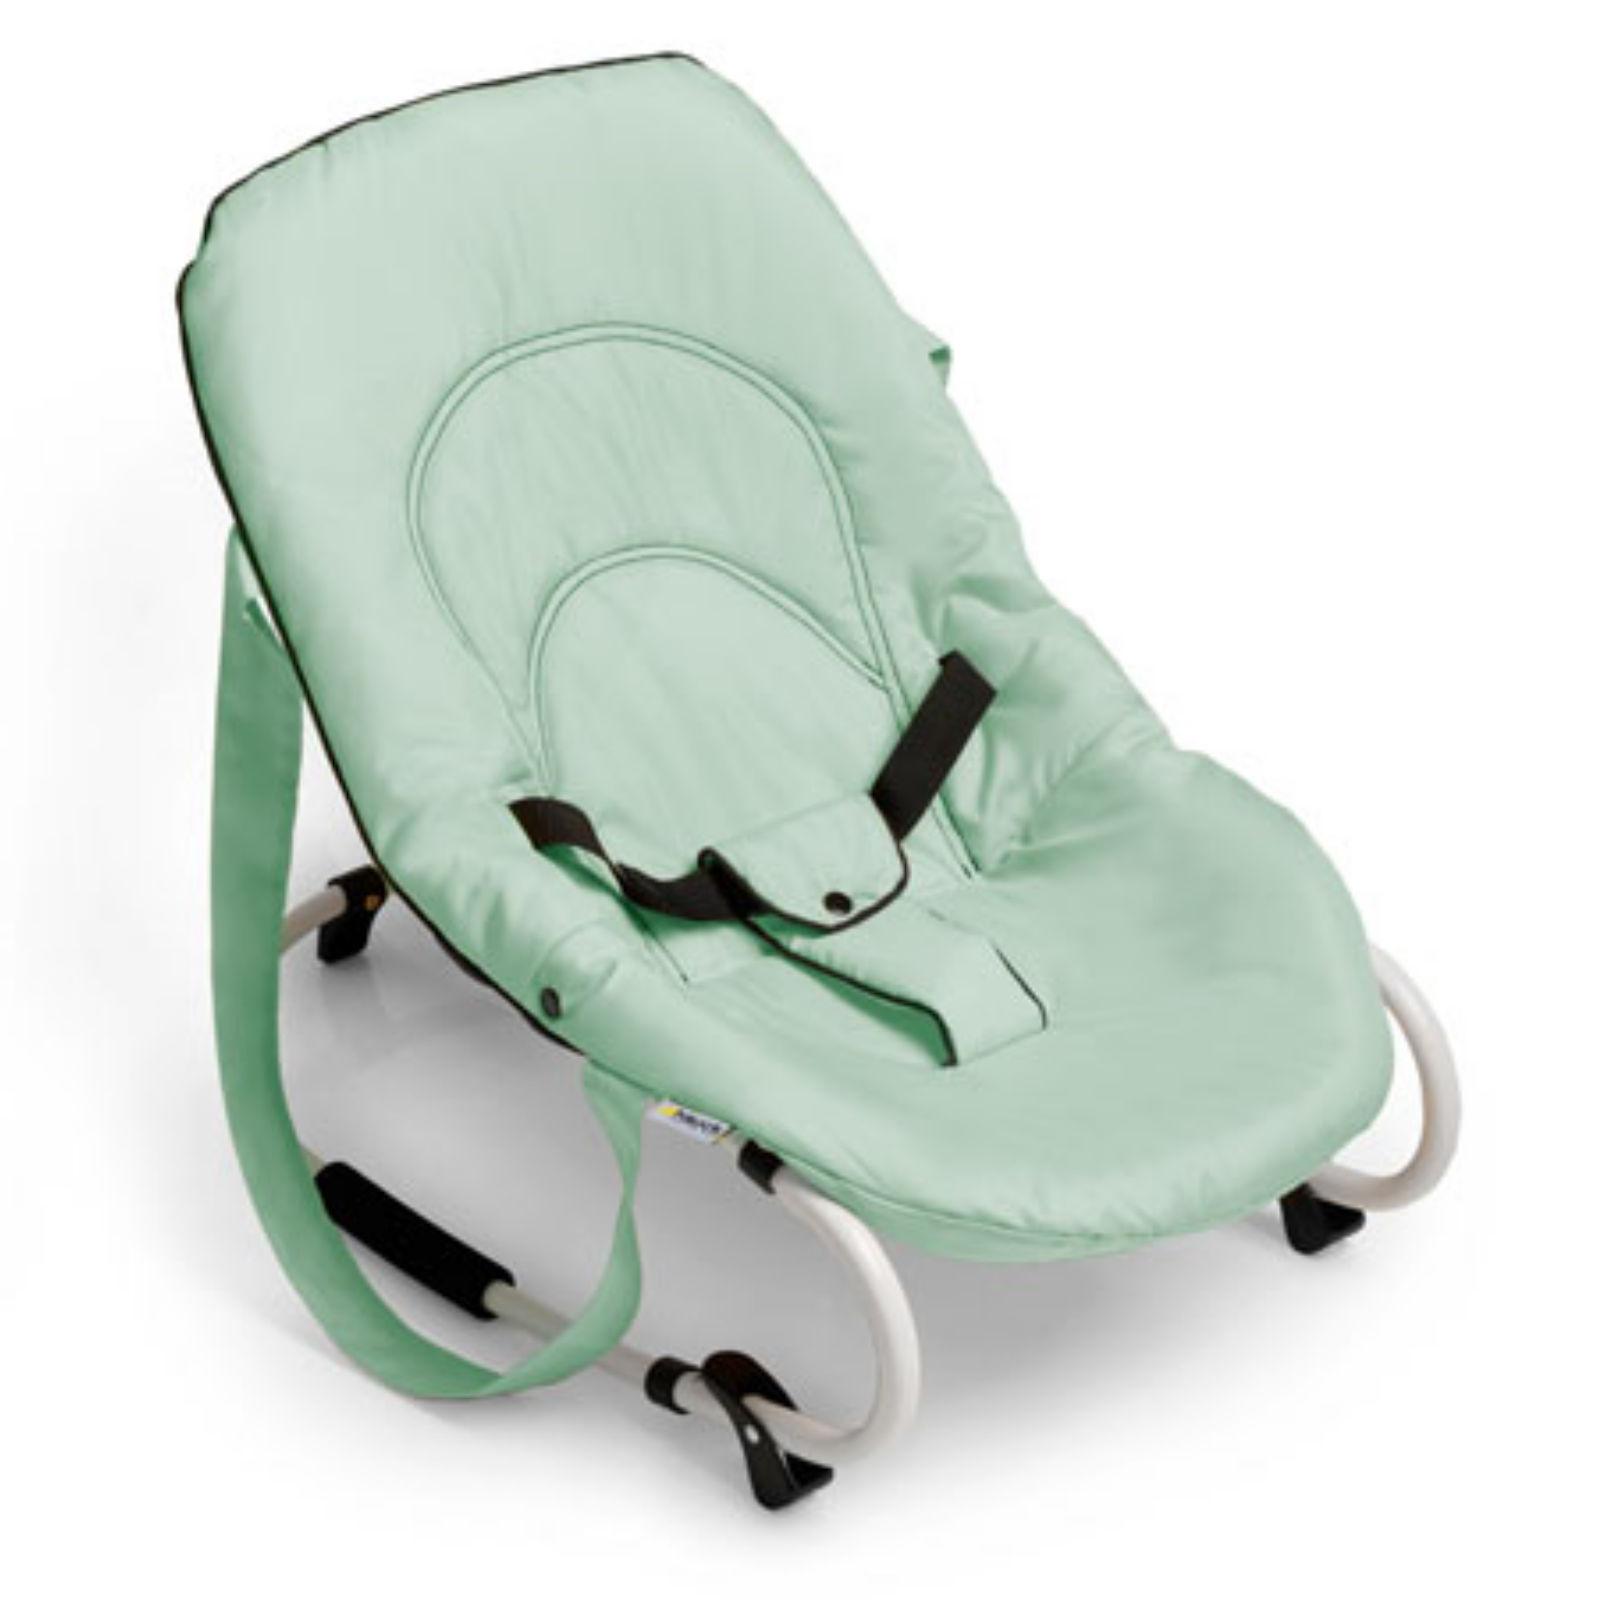 Hauck Rocky Baby Bouncer Chair Pistachio